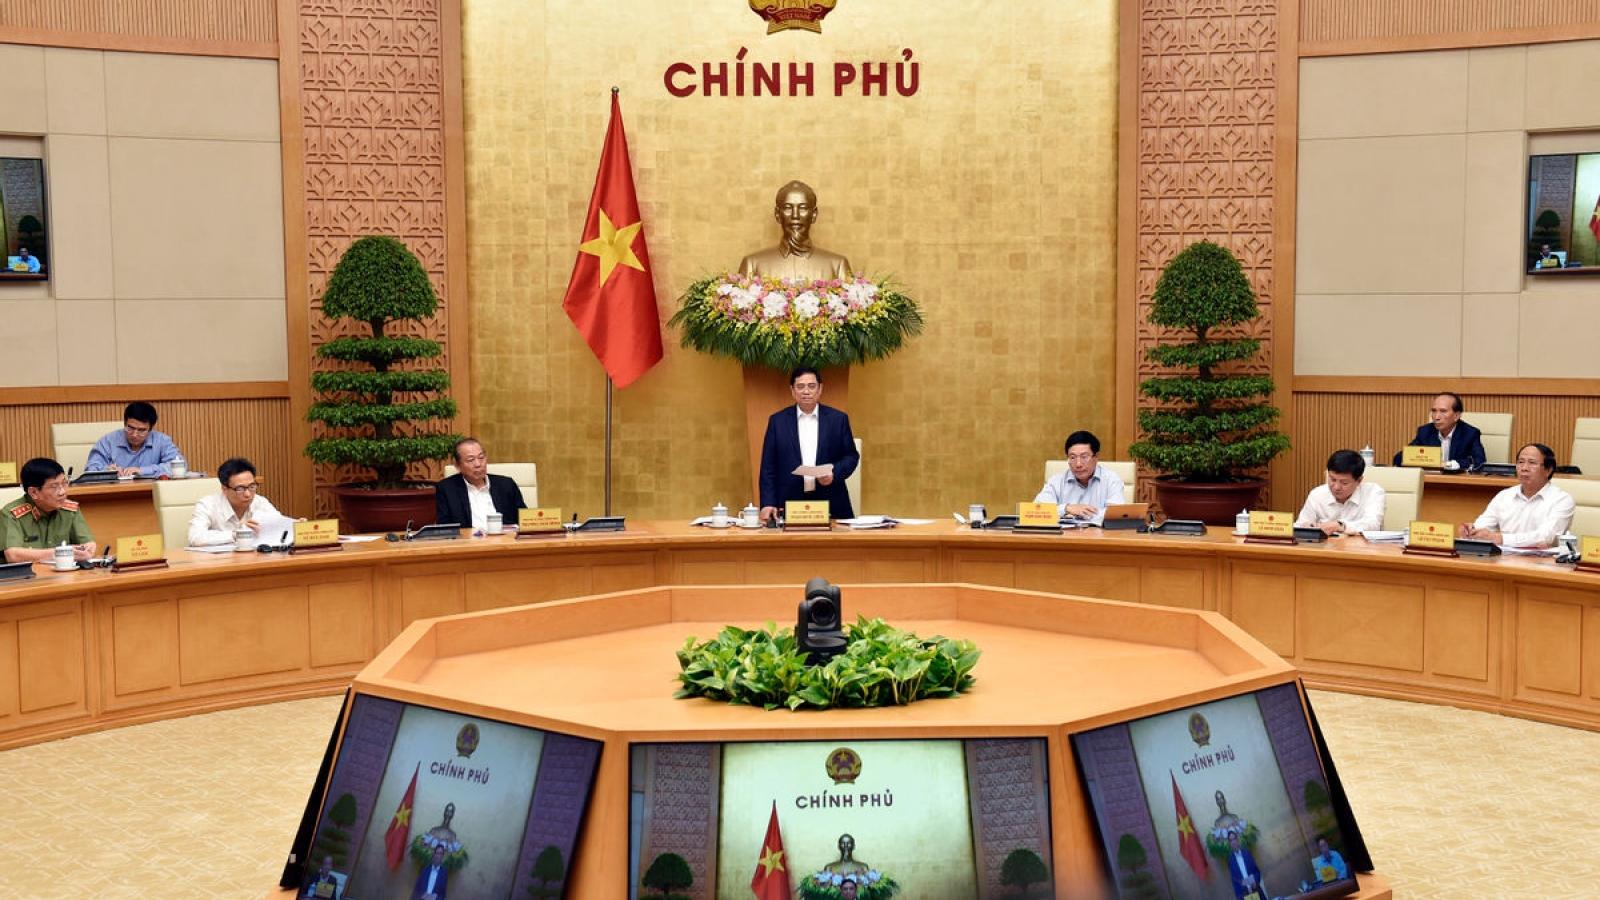 Thủ tướng trực tiếp phụ trách Bộ Quốc phòng, Bộ Công an, VOV, VTV, TTXVN